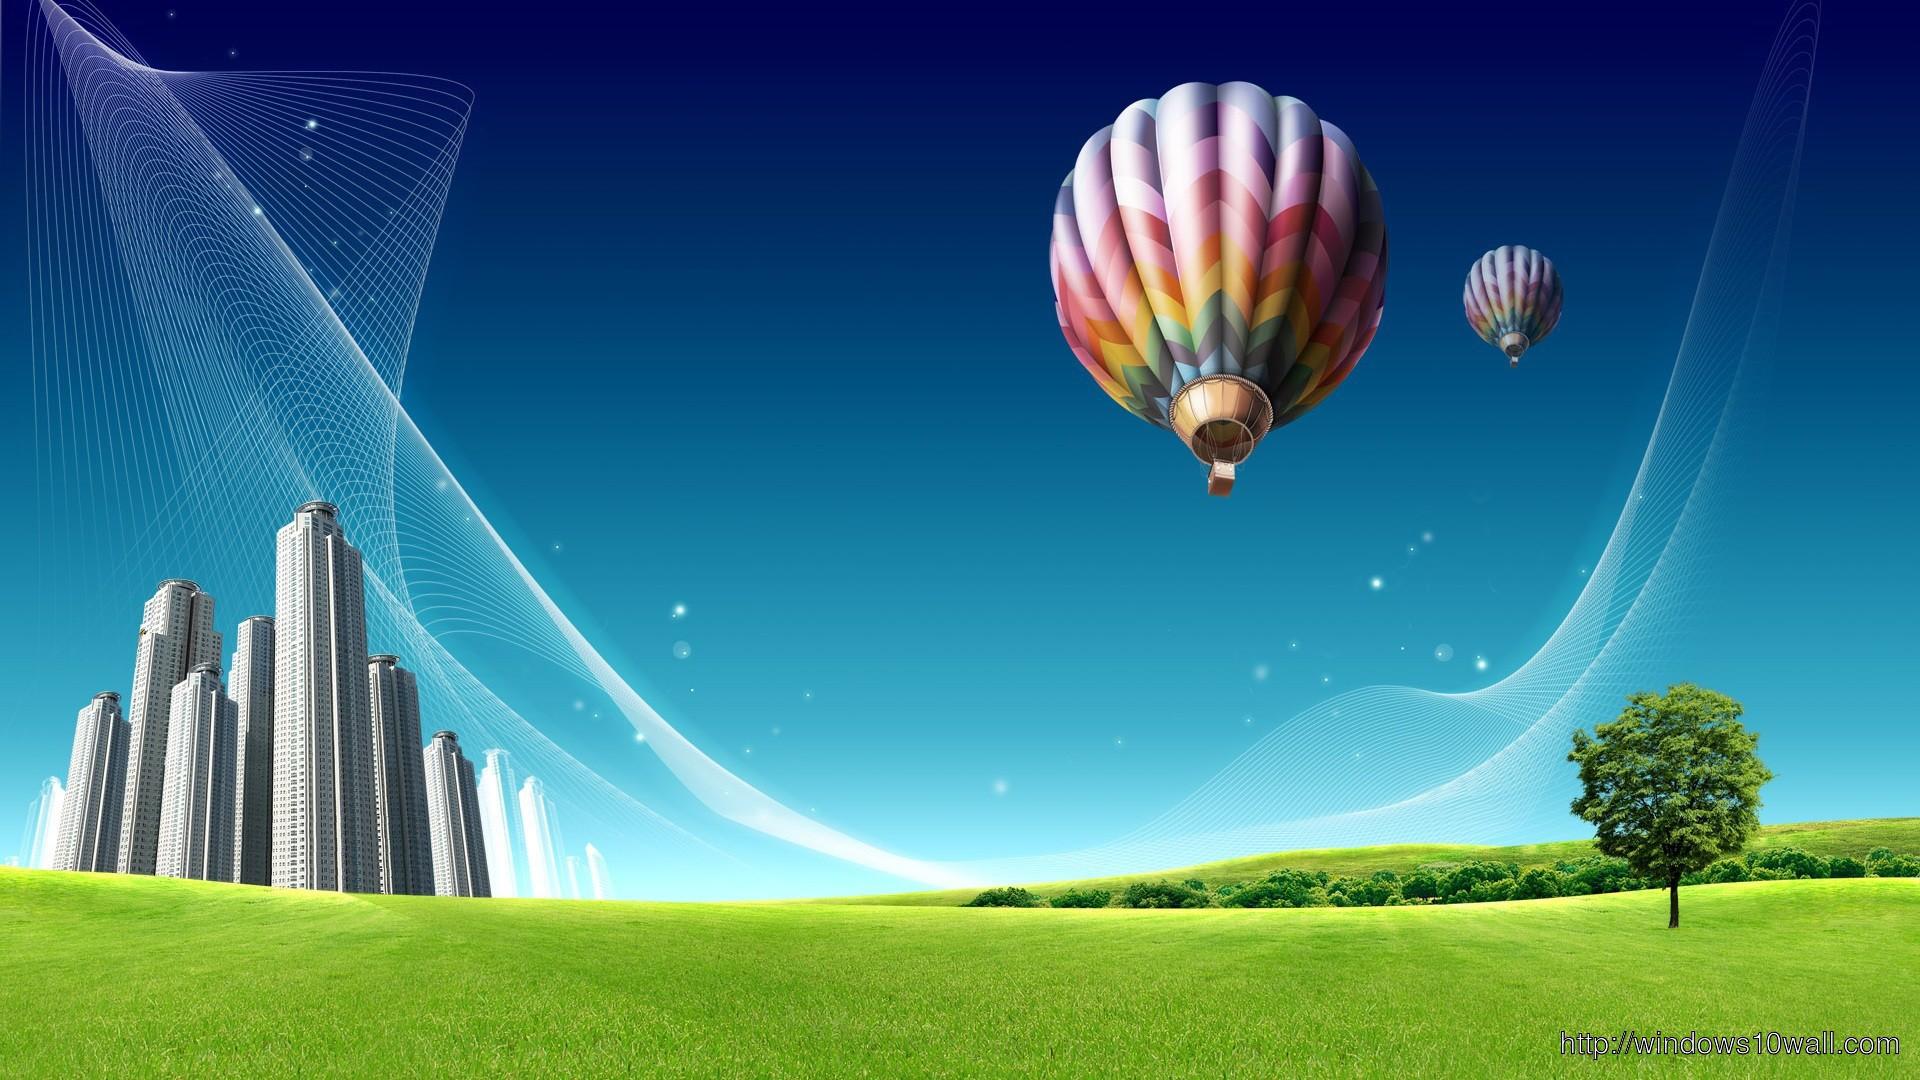 hot-air-balloon-hd-widescreen-Wallpaper